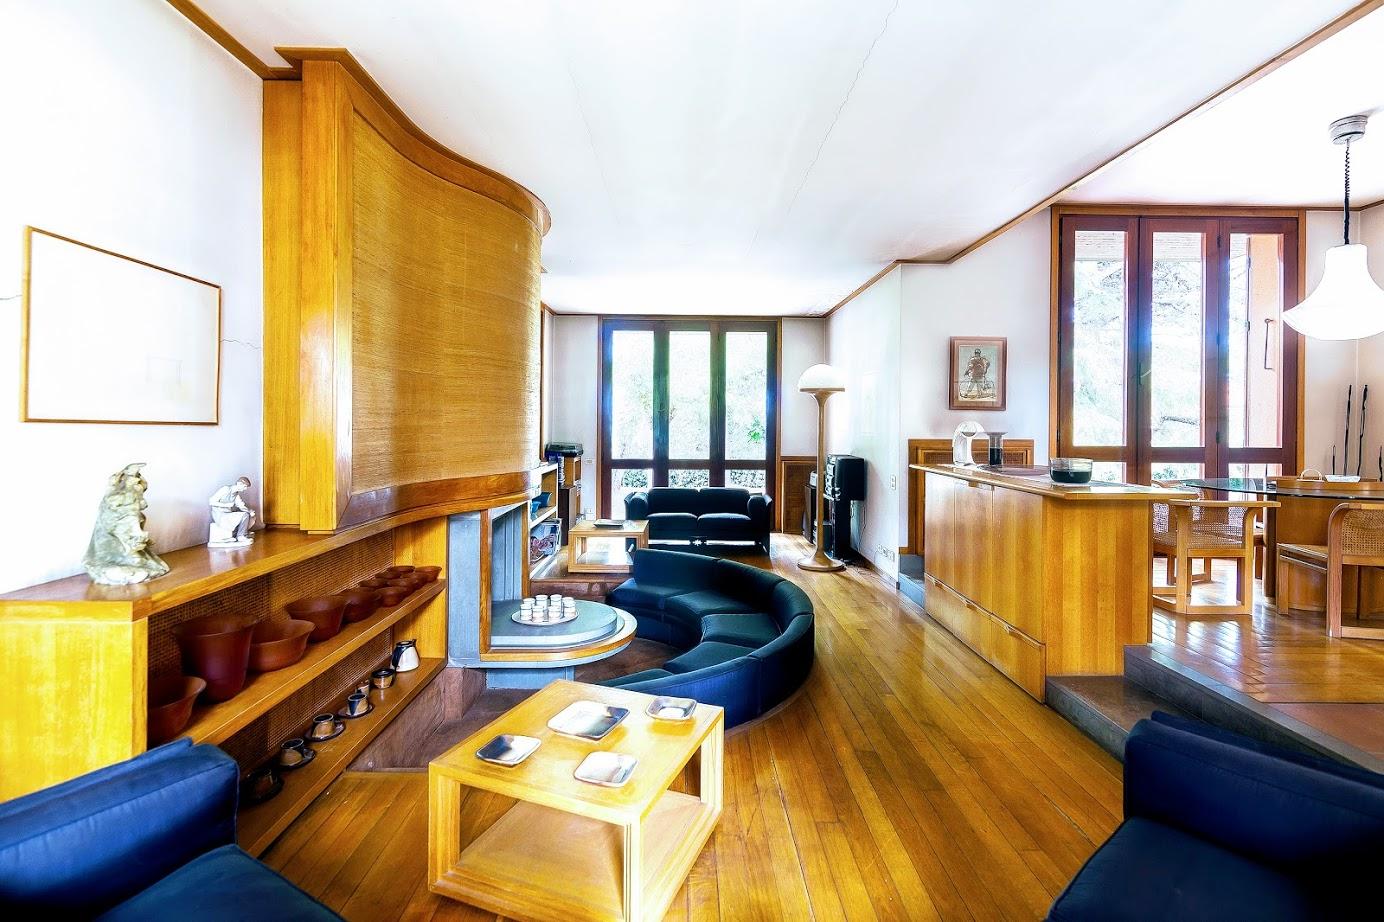 Villa in vendita a Riccione, 6 locali, zona Località: COLLEDEIPINI, prezzo € 2.190.000 | CambioCasa.it